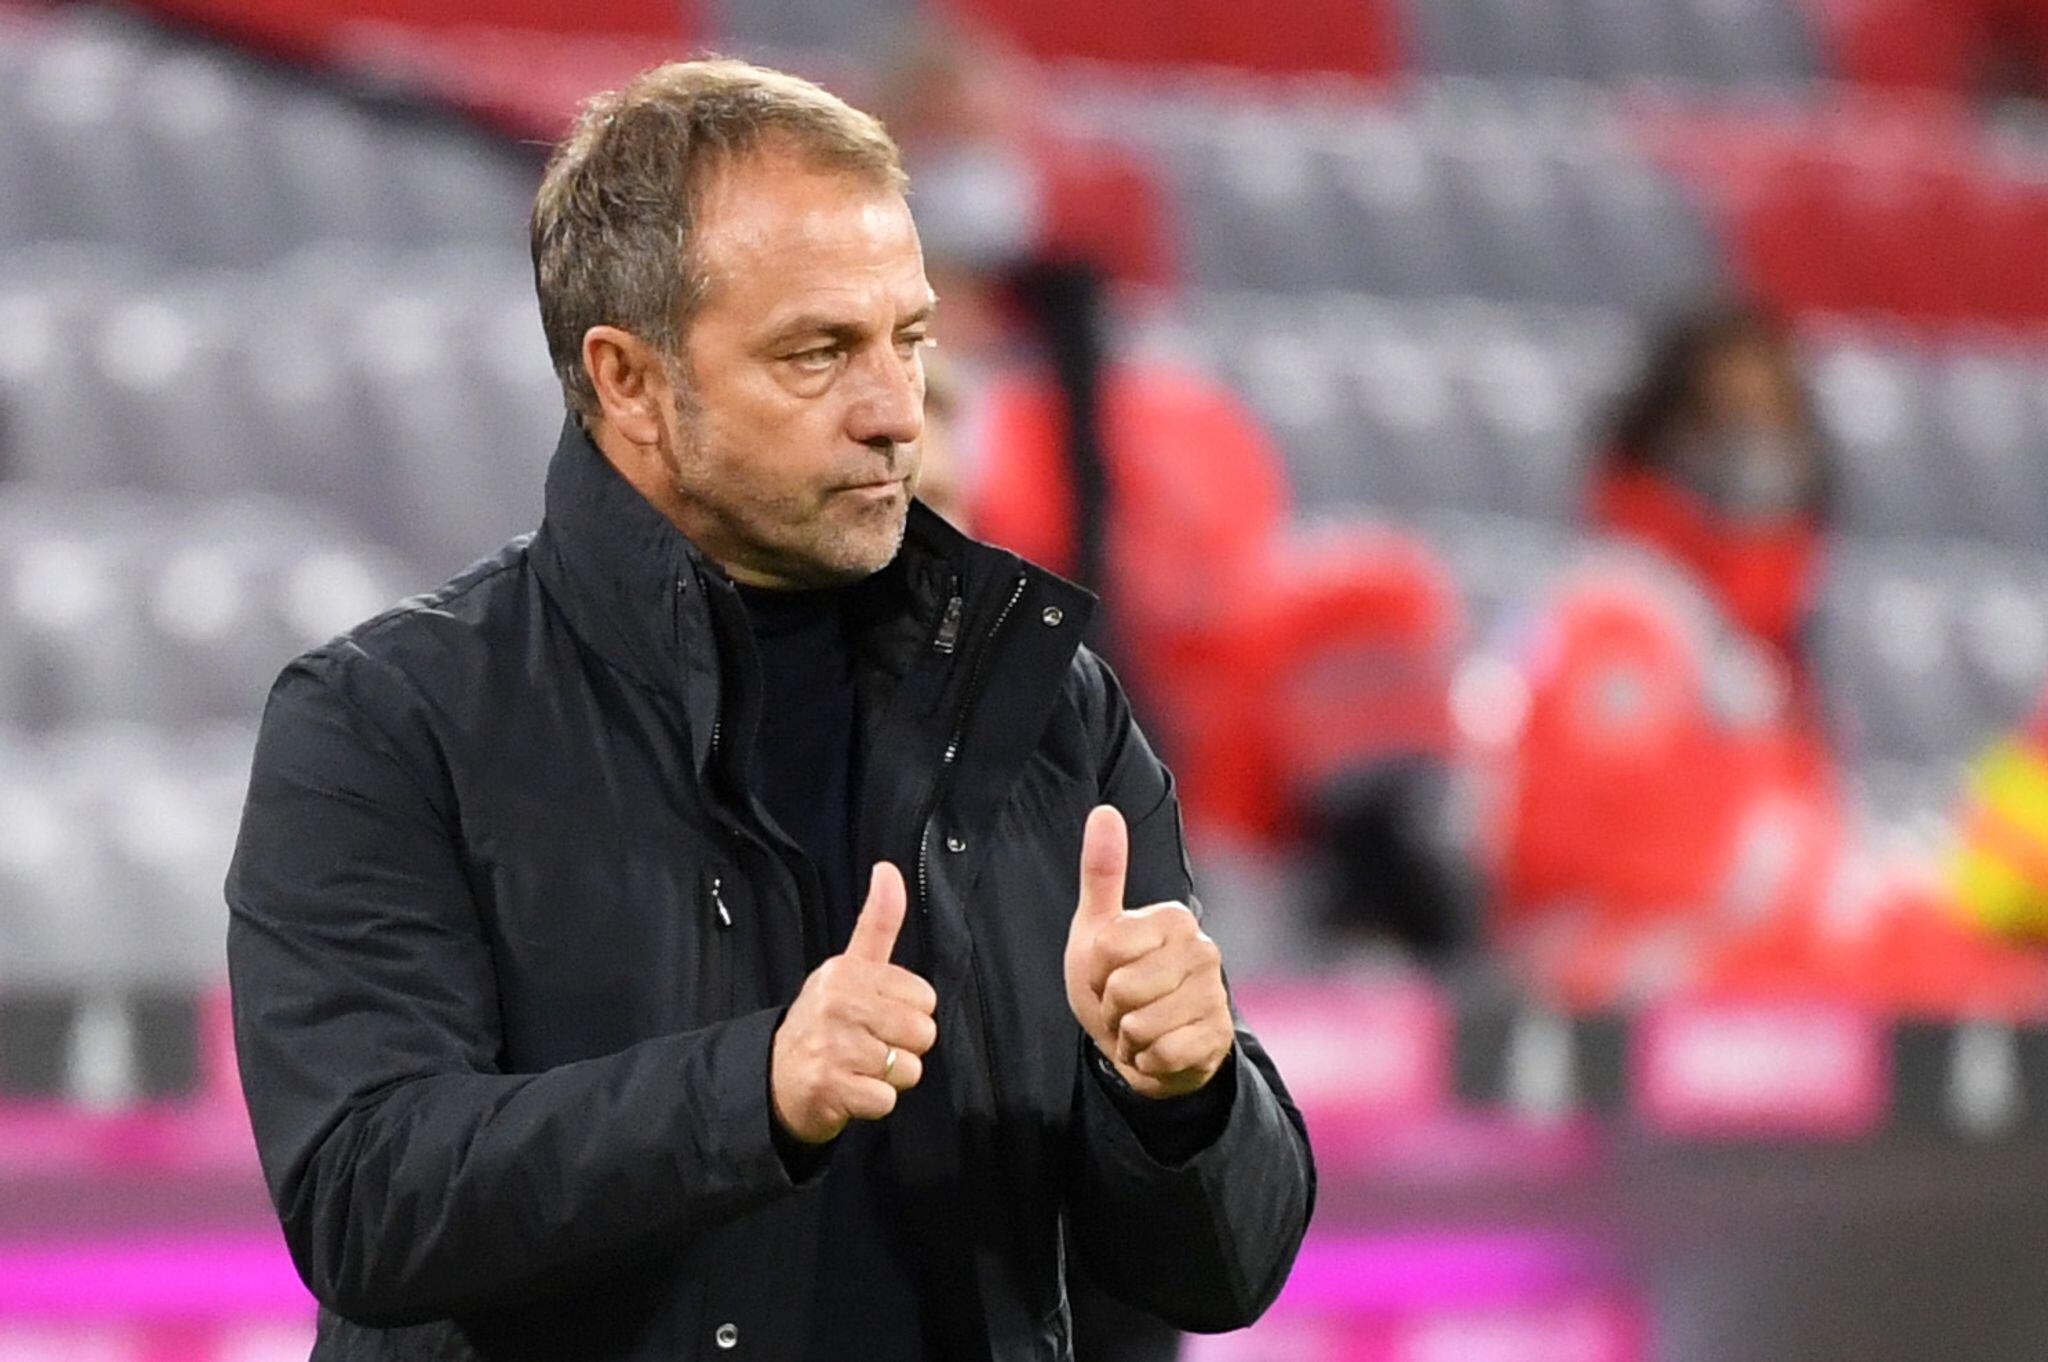 Rückschlag in der Nations League: Nur Unentschieden gegen die Schweiz